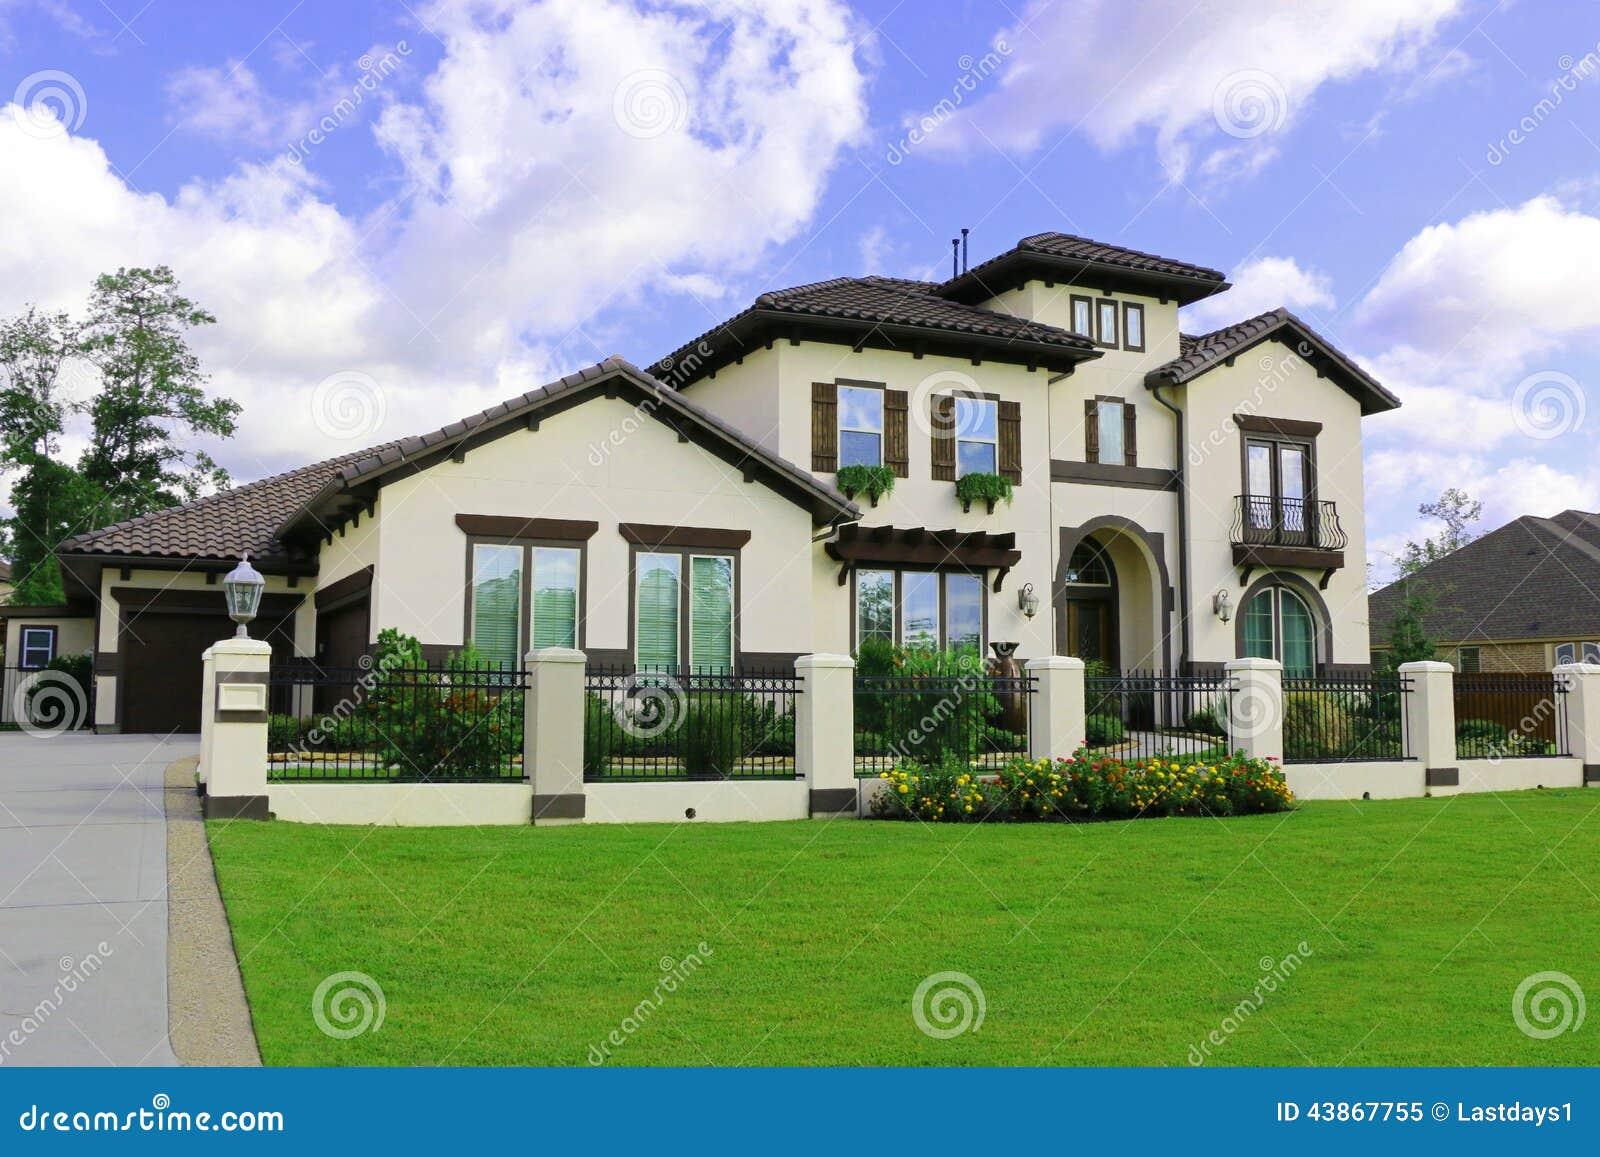 download belles maisons du sud image stock image du patrimoine 43867755